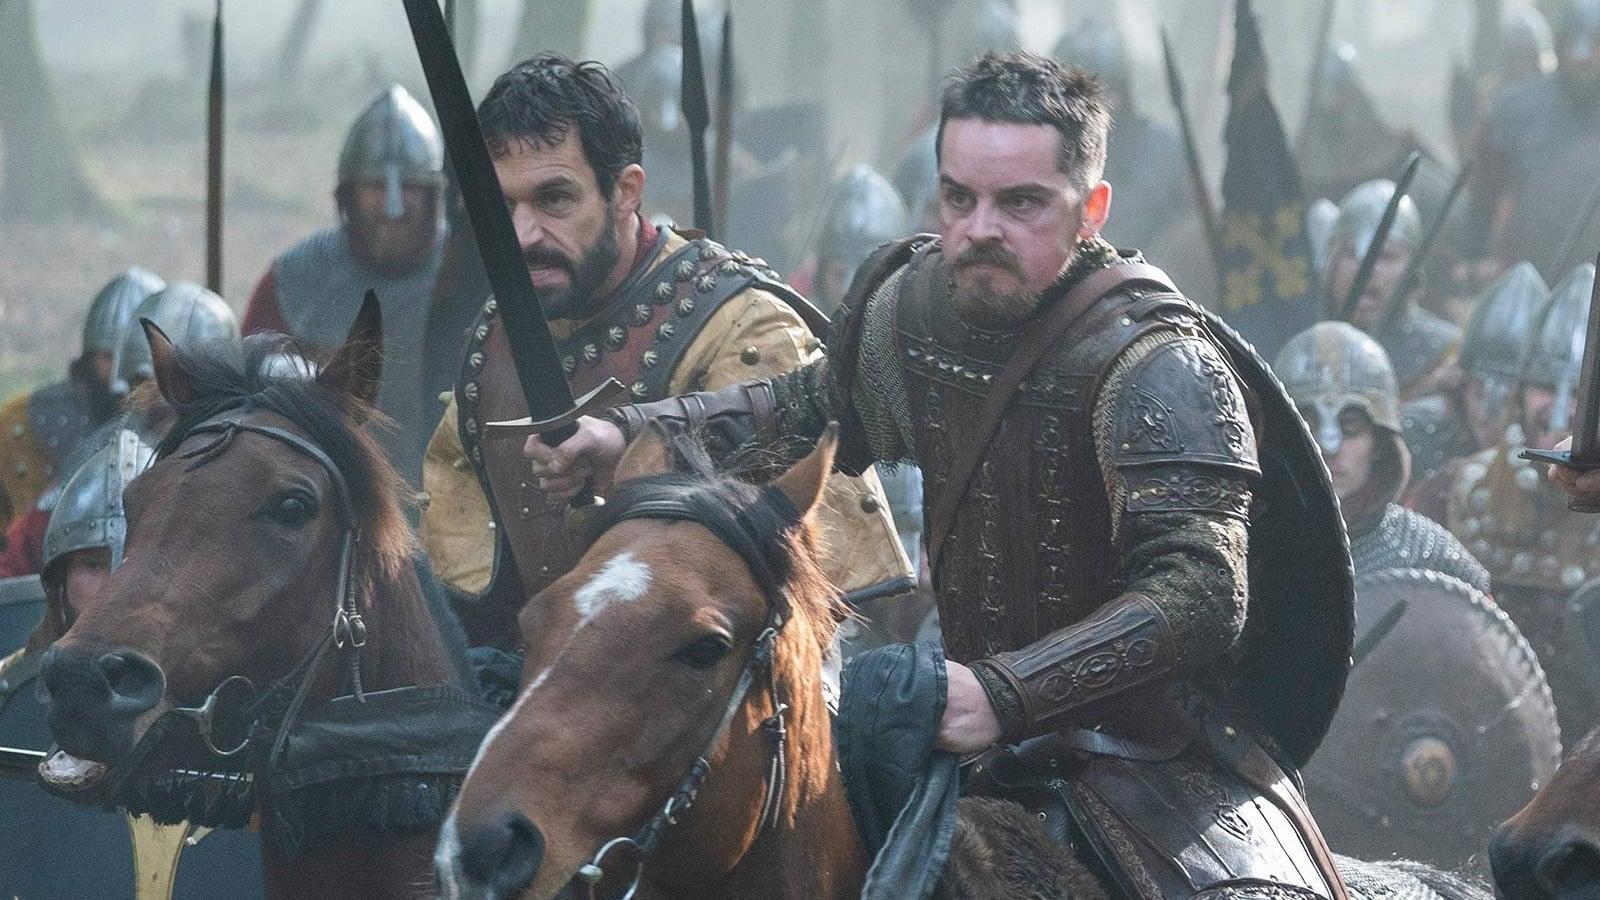 Voir serie vikings saison 6 episode 6 streaming scandinavie, à la fin du 8ème siècle. Regarder Vikings Saison 6 Episode 19 En Streaming Complet Vostfr Vf Vo Betaseries Com